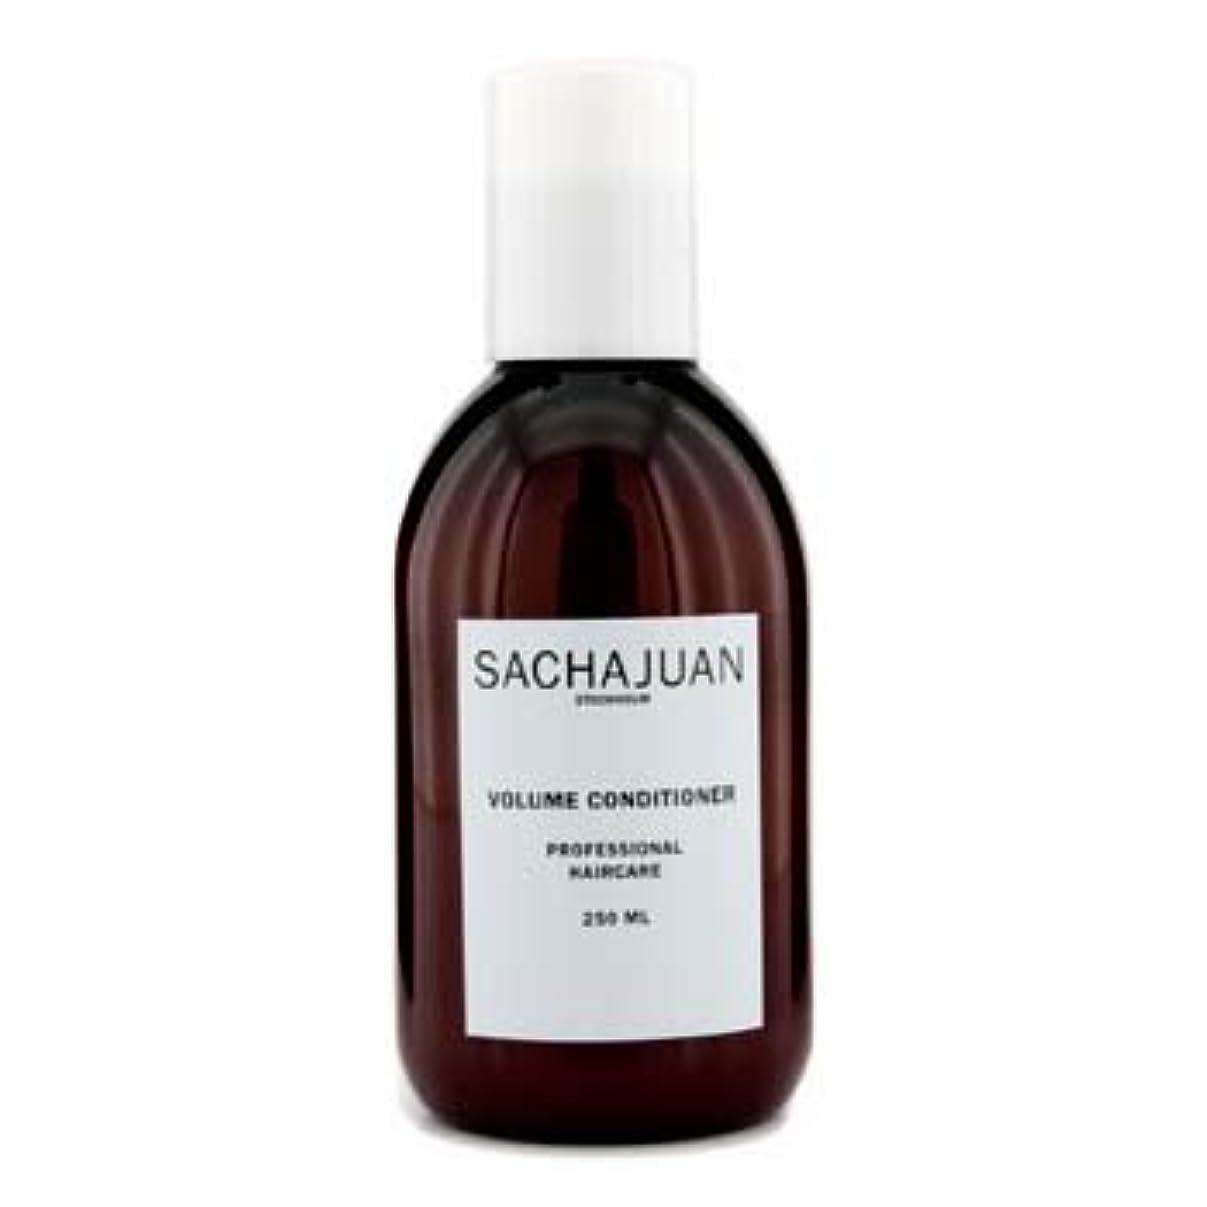 持っている服を洗う真珠のような[Sachajuan] Volume Conditioner (For Fine and Sensitive Hair) 250ml/8.4oz